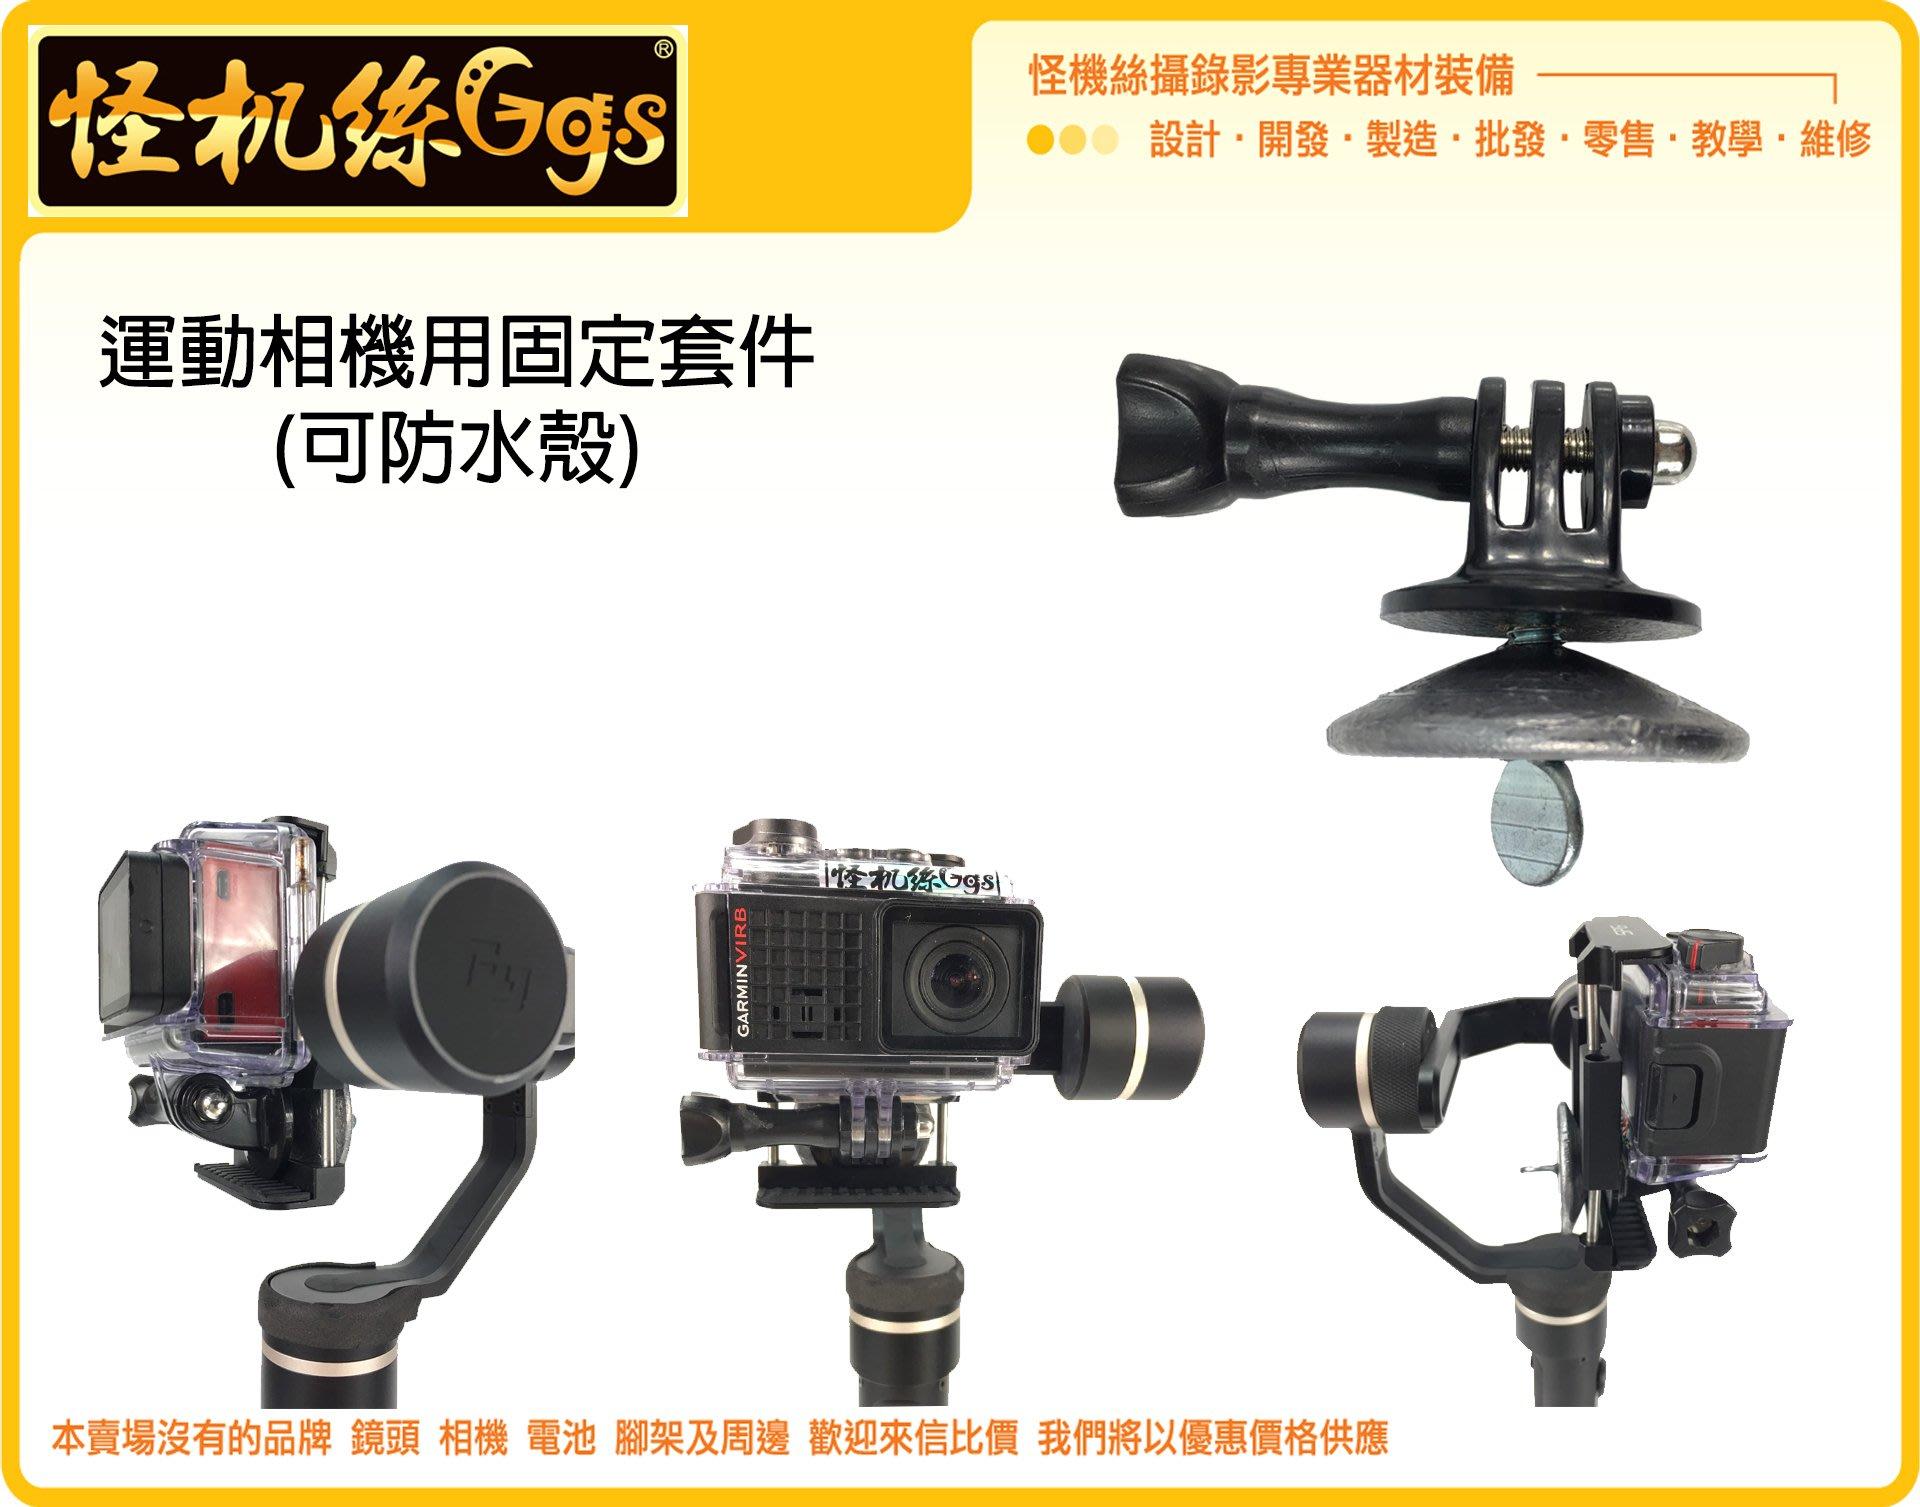 怪機絲 運動相機用固定套件 防水殼 固定 套件 GOPRO VIRB 30 手機穩定器 可搭載 SPG